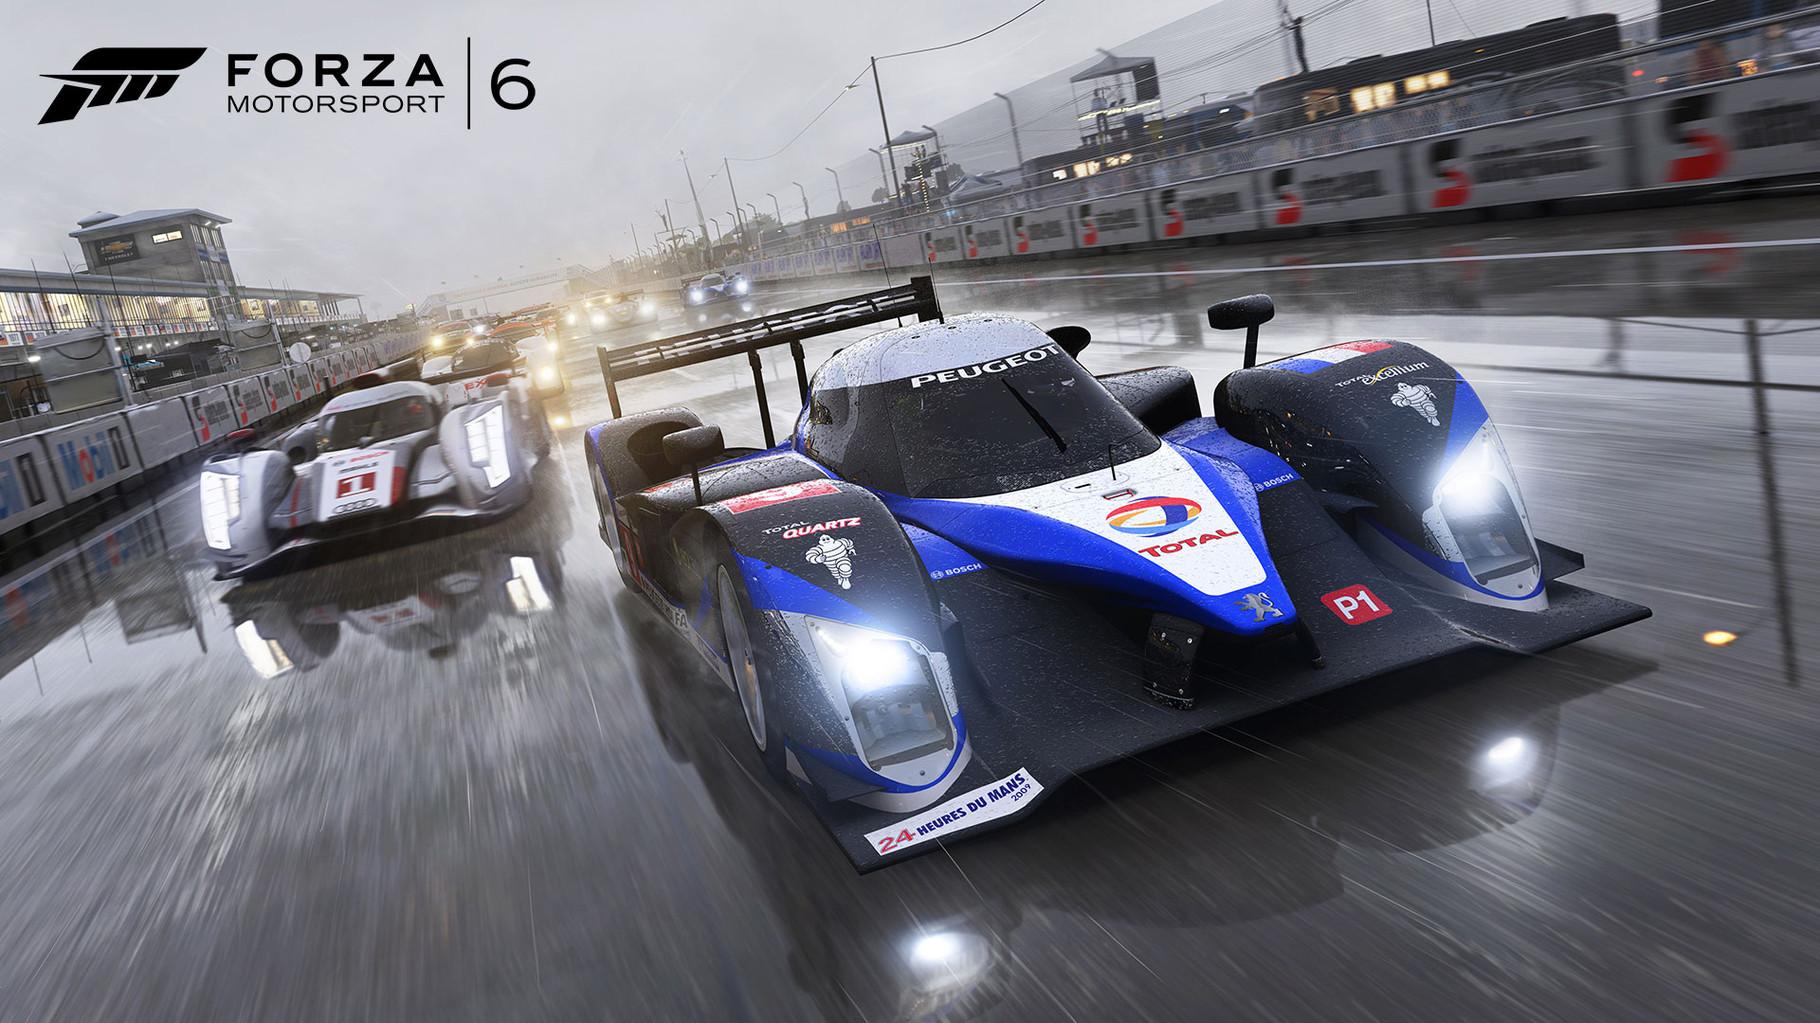 """Forza 6: Bald kommen wieder Microsofts Vorzeige-Boliden aus der Garage: """"Forza 6"""" wird den Rennsport-Stall des Herstellers nicht nur um neue Fahrzeugmodelle und Strecken, sondern vor allem um Nachtrennen und ein ausgereiftes Wettermodell erweitern."""